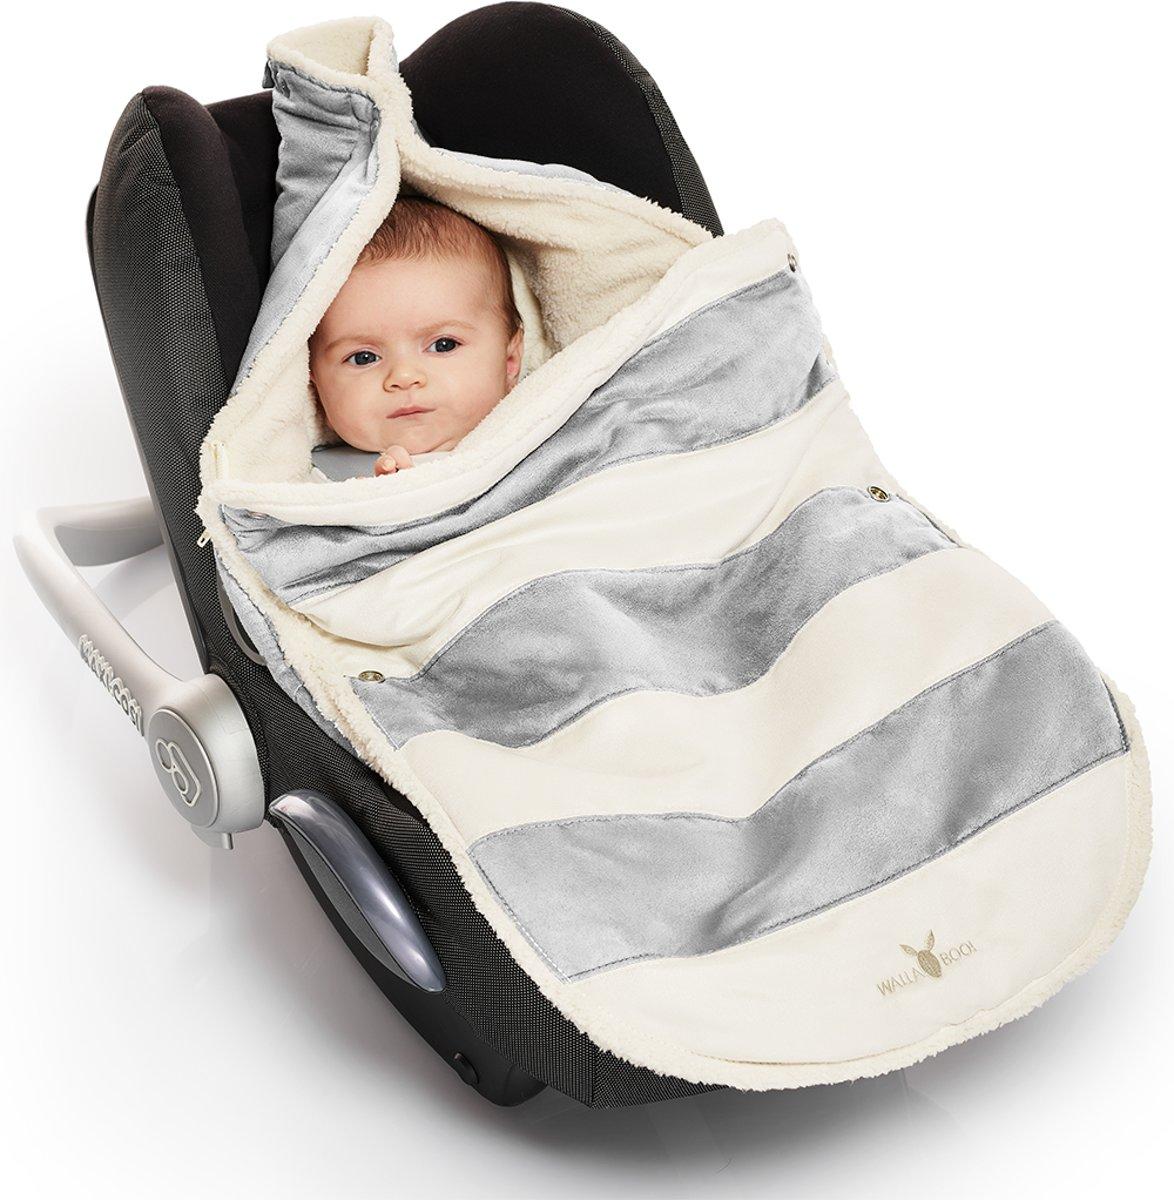 Wallaboo voetenzak - geschikt voor elke autostoel - voor 0 tot 12 maanden - Zacht imitatie suède en bont - Met capuchon en afritsbare bovenkant - KLeur: zilver gestreept kopen